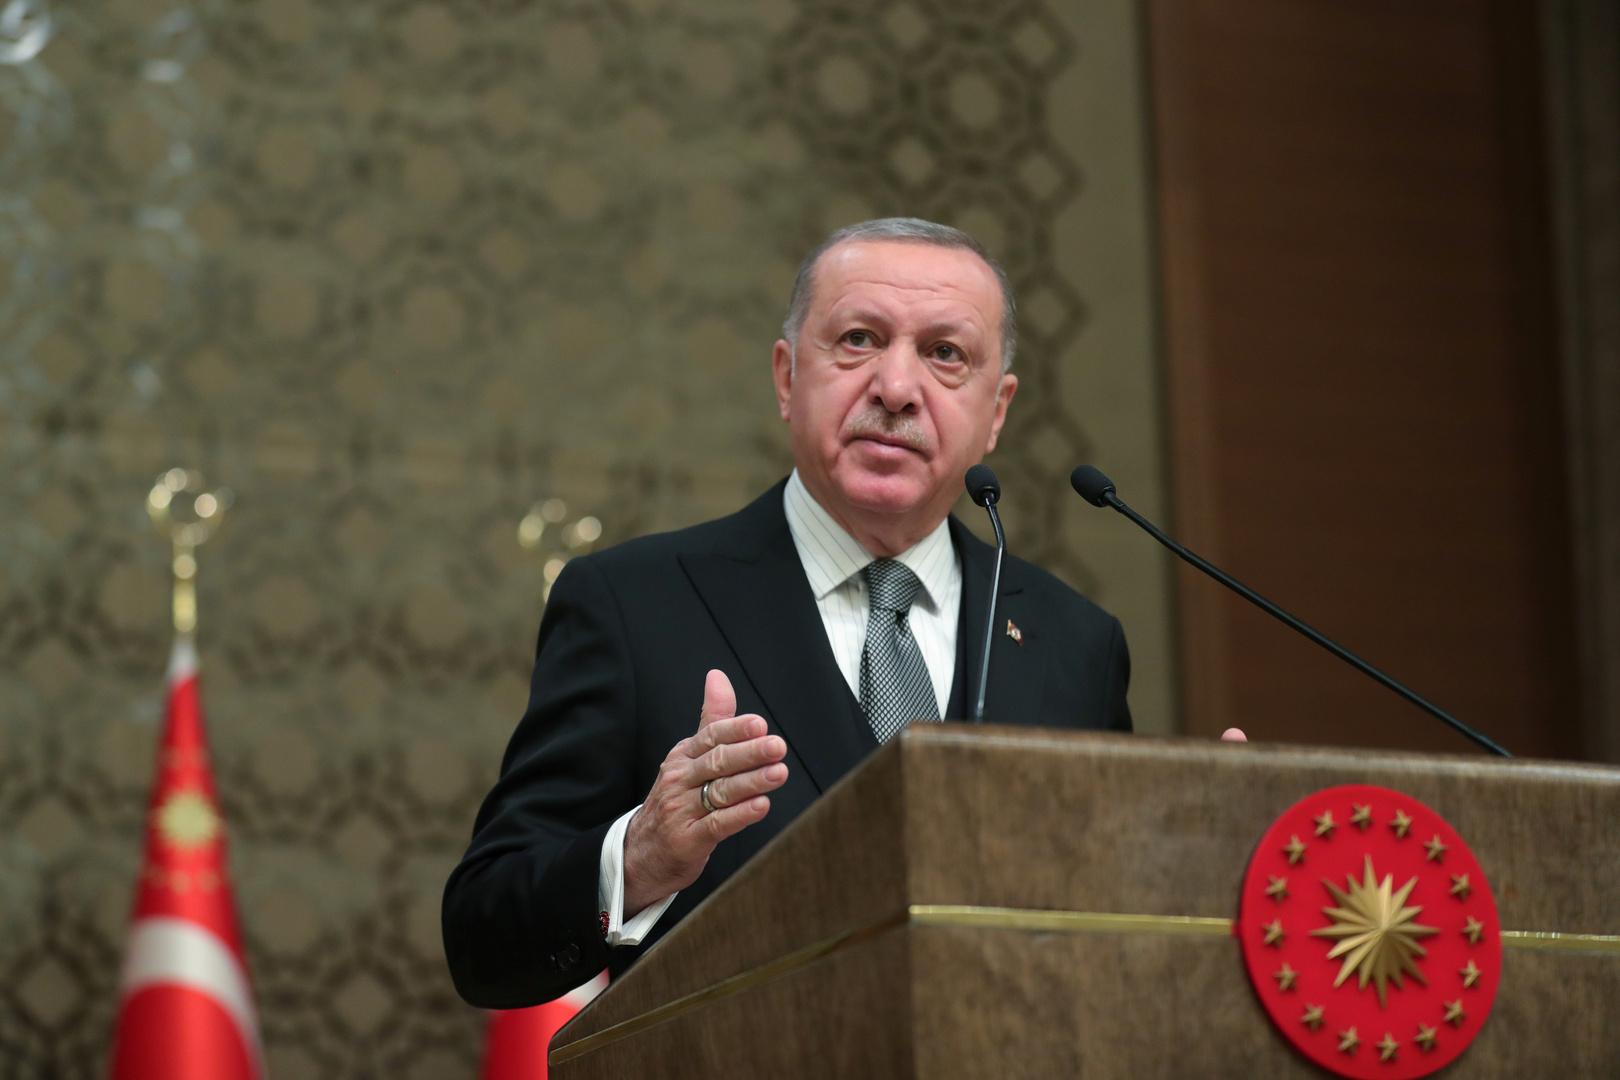 أردوغان: لن نقف مكتوفي الأيدي إزاء المشهد المعقد والمتغير الناجم عن تنافس القوى في منطقتنا